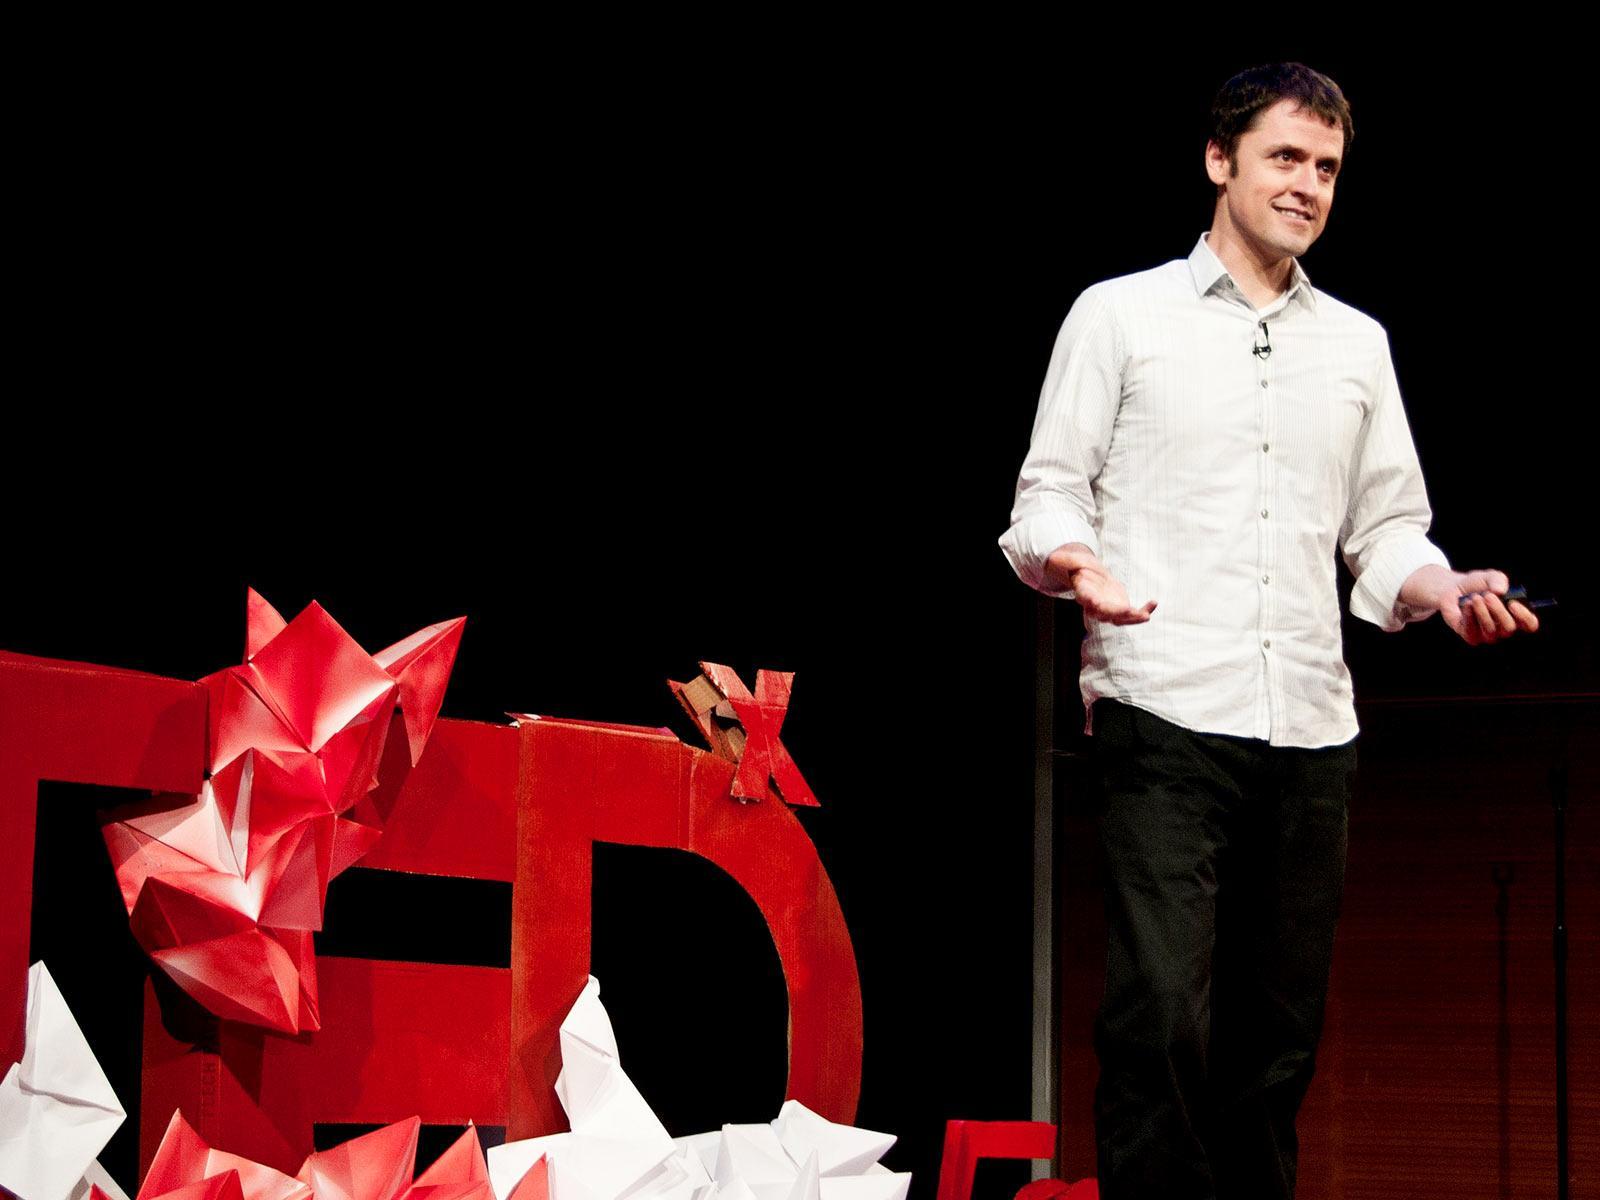 سخنرانی تد : دیوید پیزارو: سیاستهای عجیب تنفر